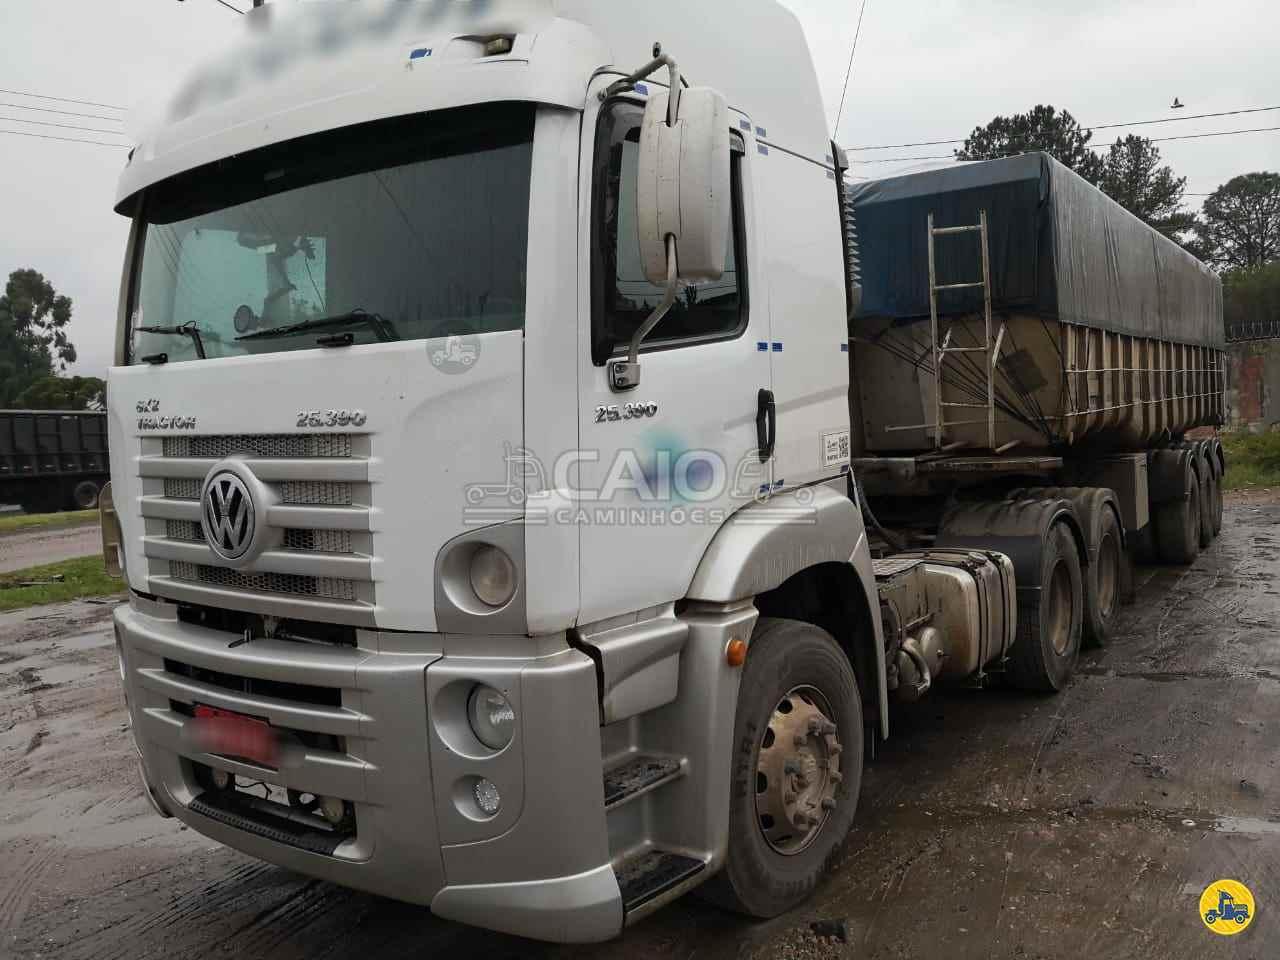 CAMINHAO VOLKSWAGEN VW 25390 Cavalo Mecânico Truck 6x2 Caio Caminhões SAO JOSE DOS PINHAIS PARANÁ PR